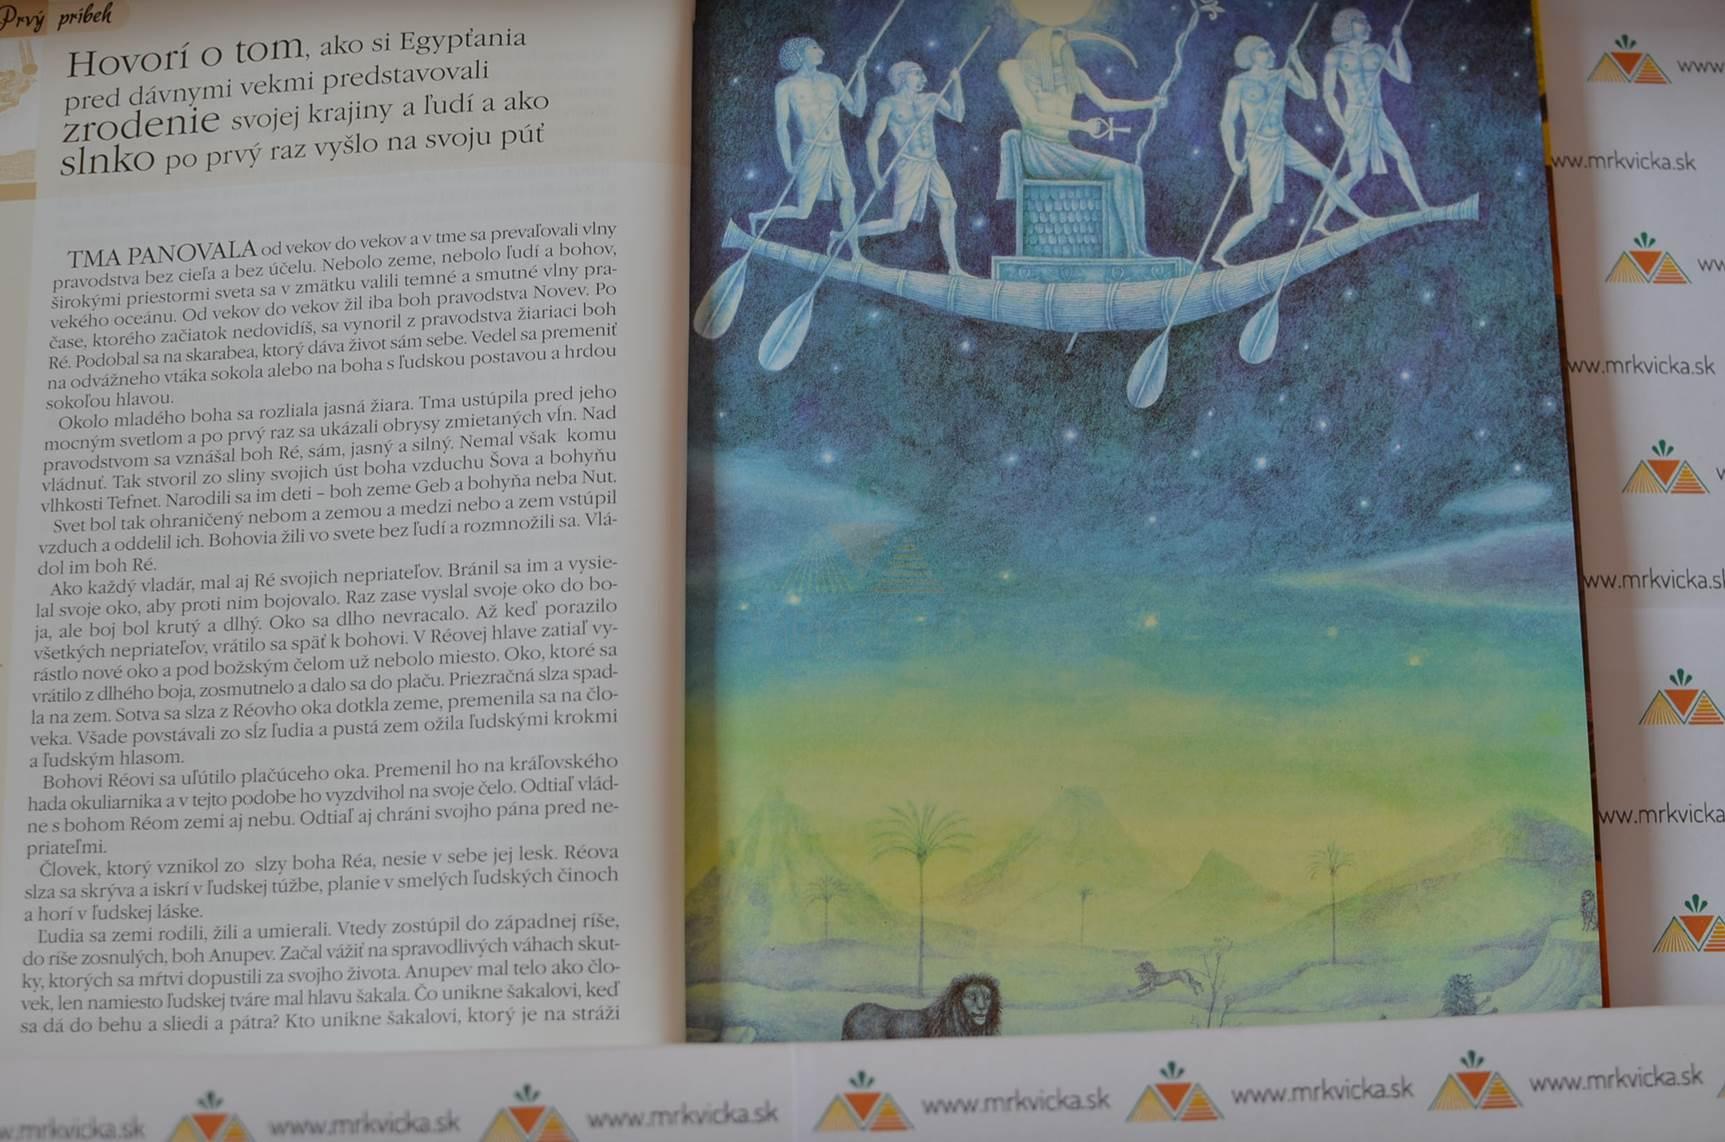 Príbehy, na ktoré svietilo slnko - Báje a povesti starého Egypta, Mezopotámie a Izraela